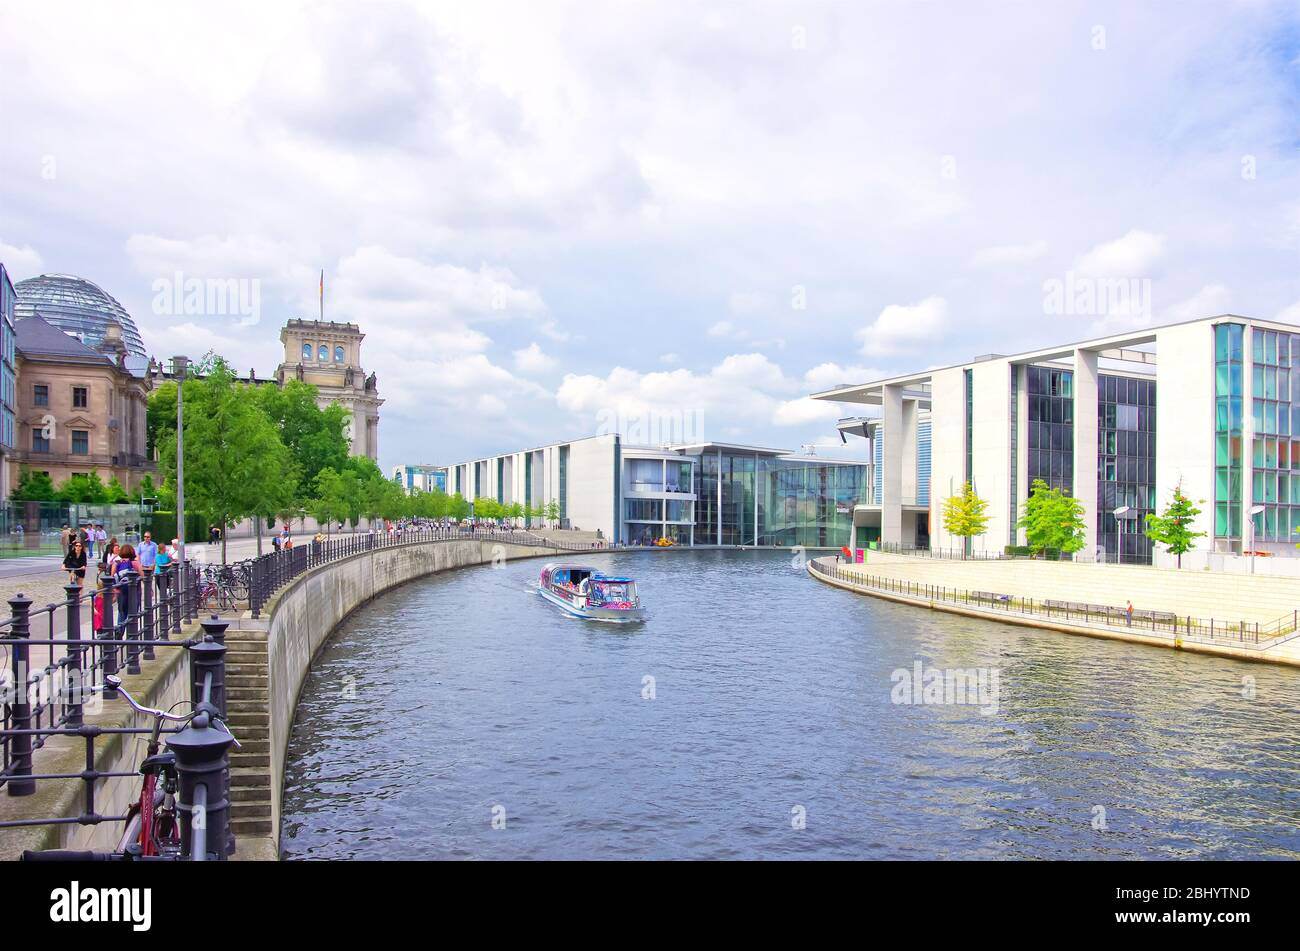 Berlin, Deutschland - 16. August 2012: Touristen fahren auf Ausflugsbooten auf der Spree im Regierungsbezirk Berlin. Stockfoto